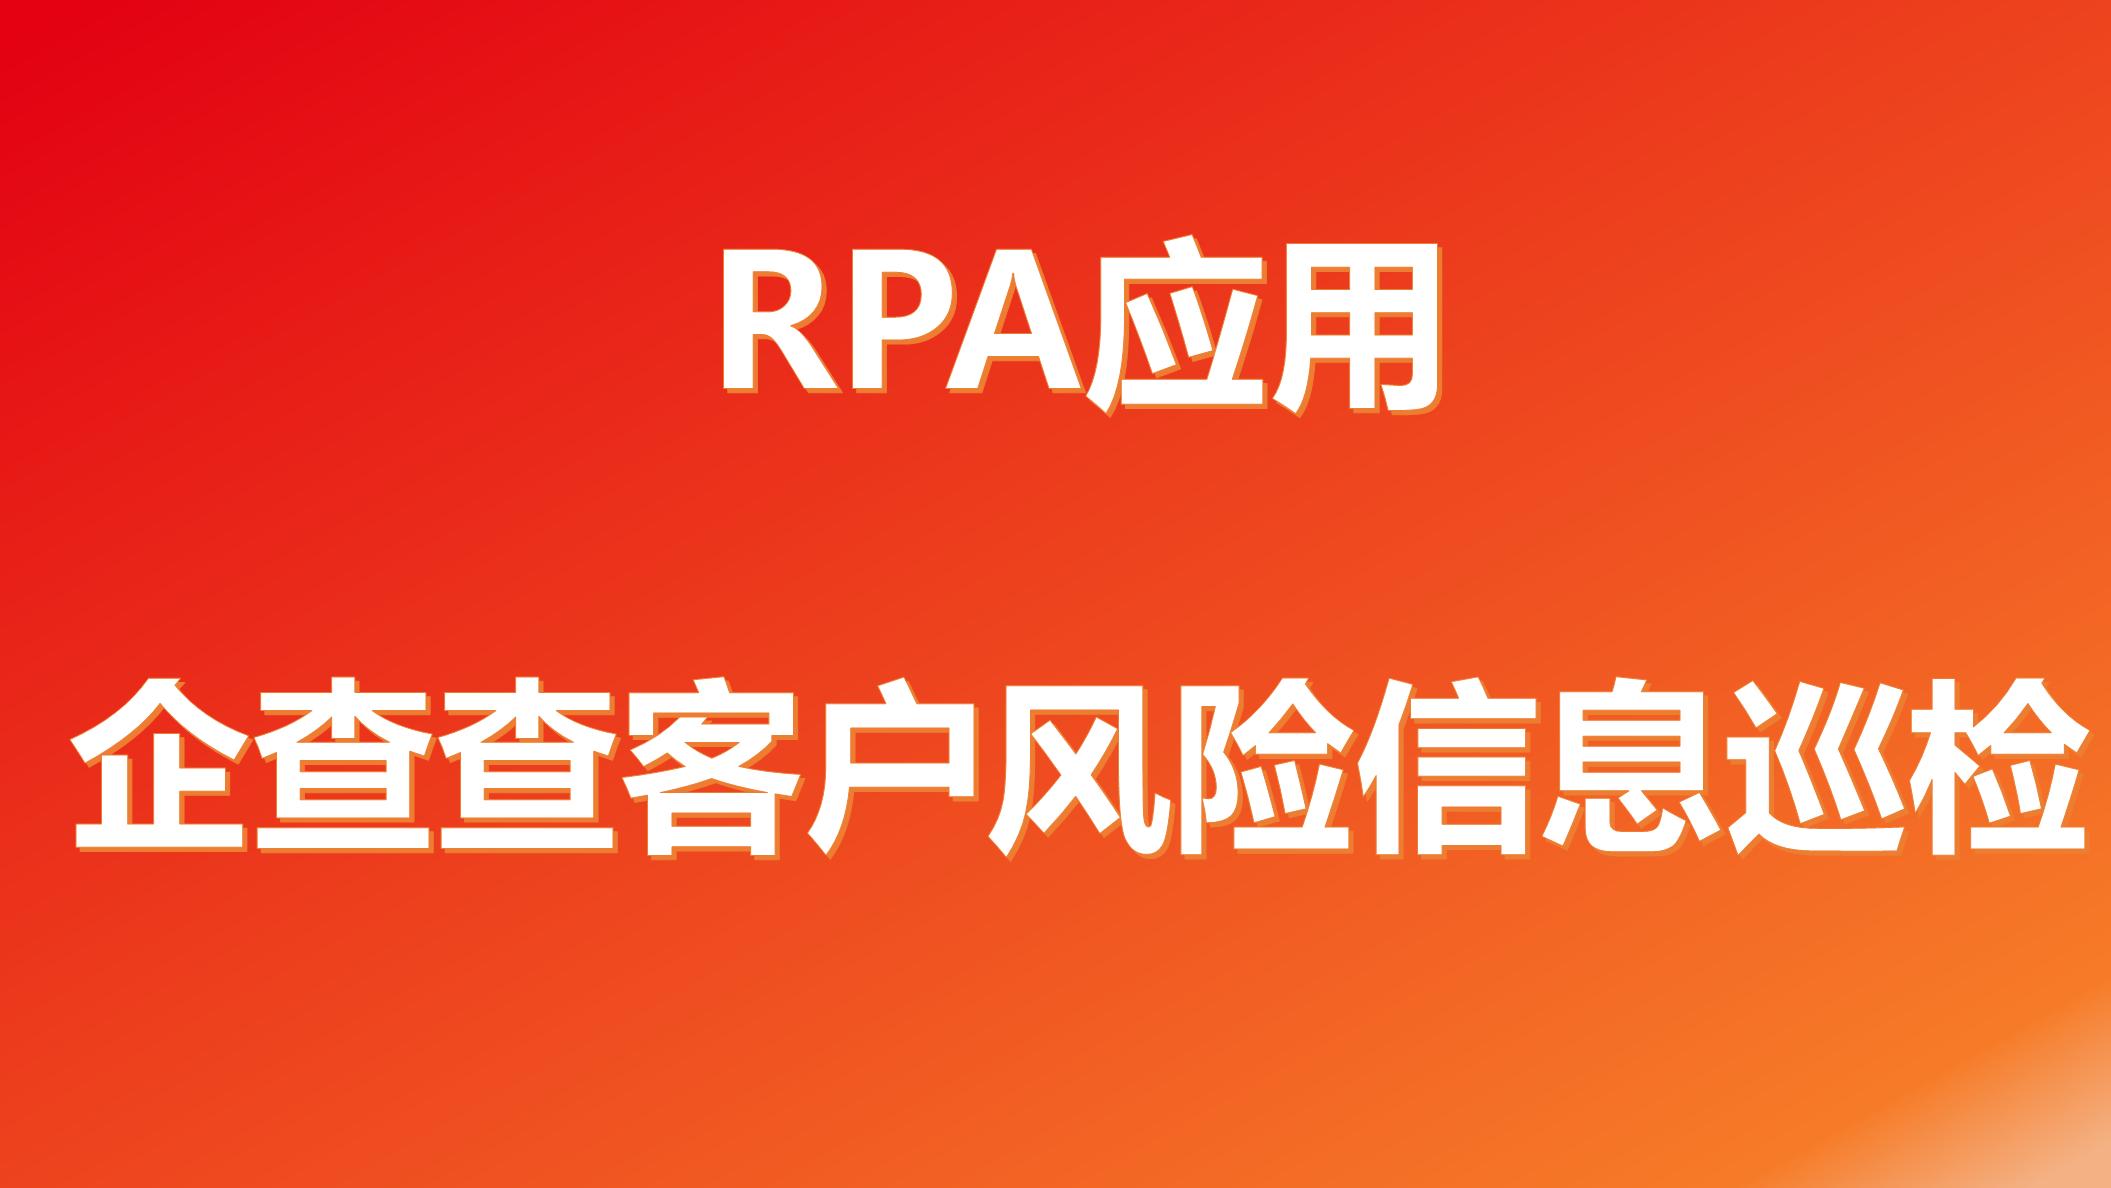 RPA应用 - 企查查客户风险信息巡检